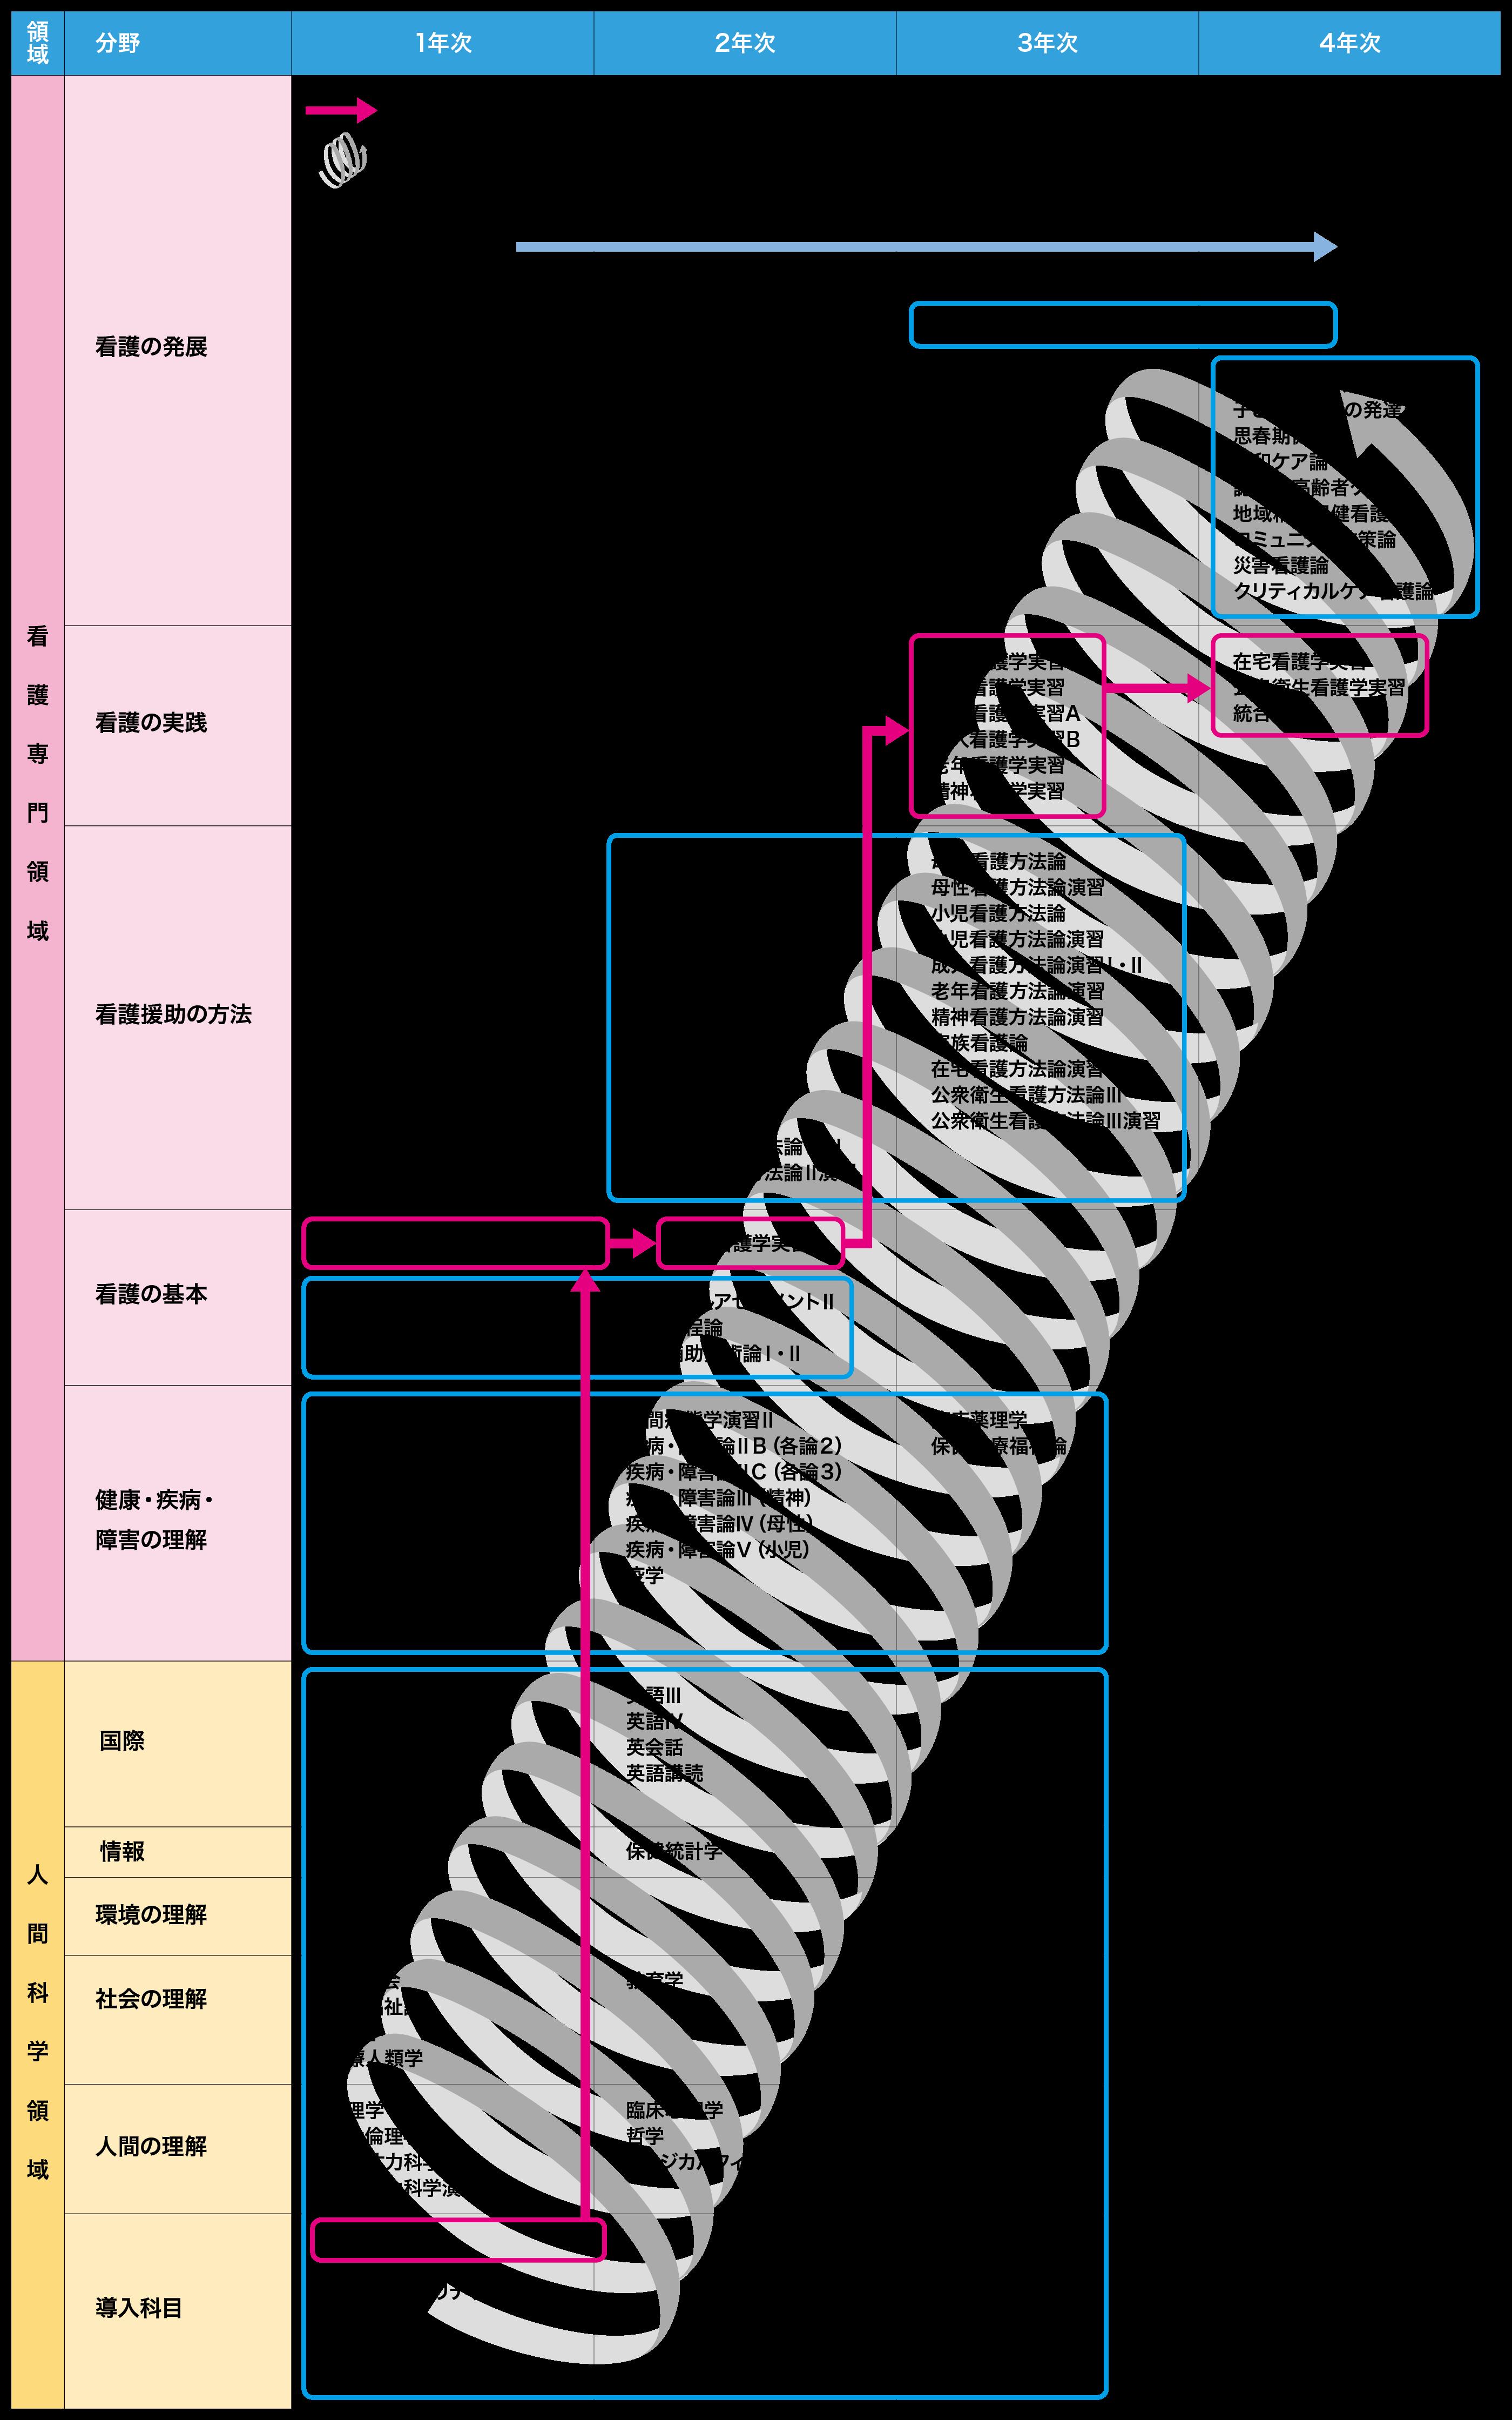 カリキュラムツリー